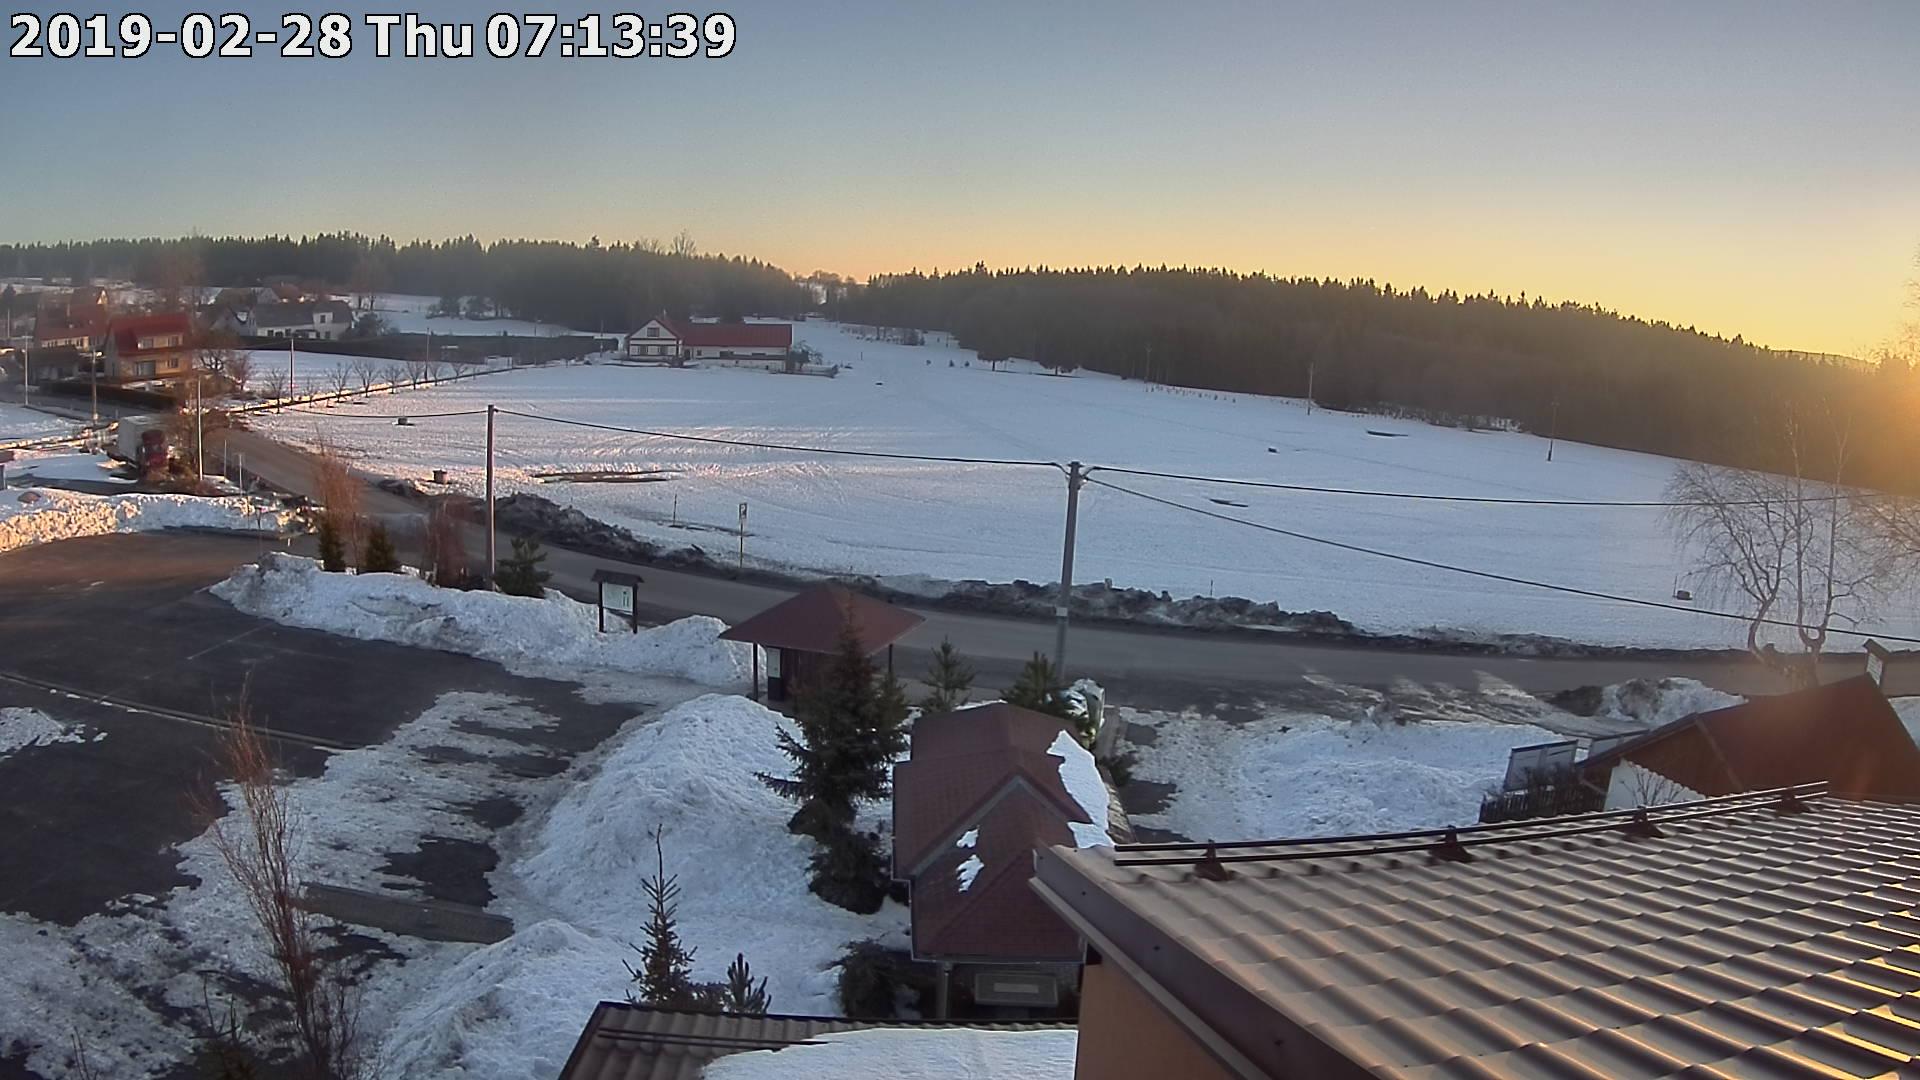 Webkamera ze dne 2019-02-28